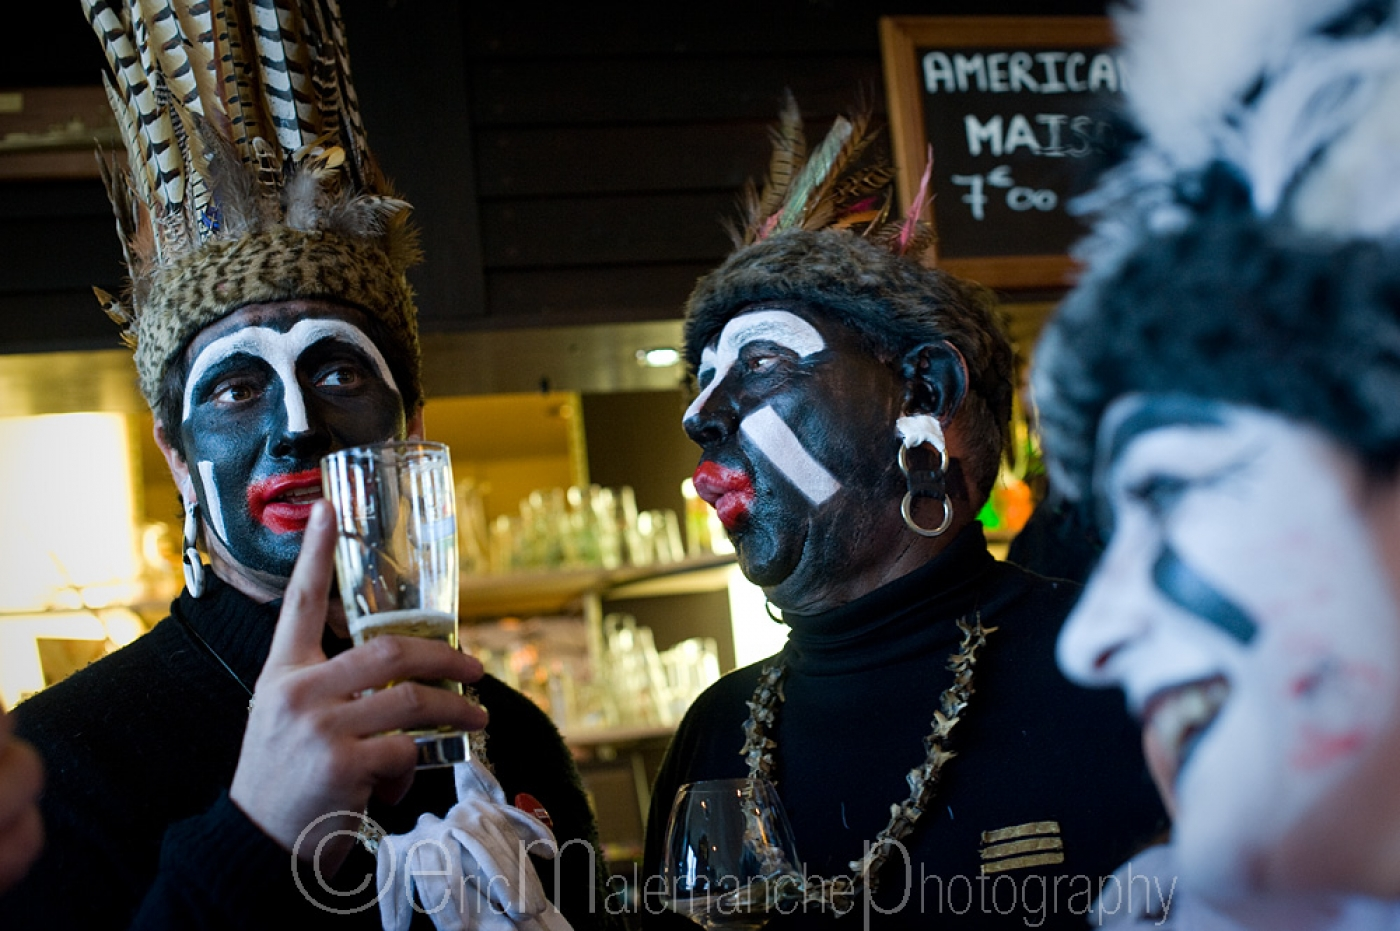 https://www.ericmalemanche.com/imagess/topics/carnaval-de-dunkerque/liste/Carnaval-Dunkerque-1281.jpg